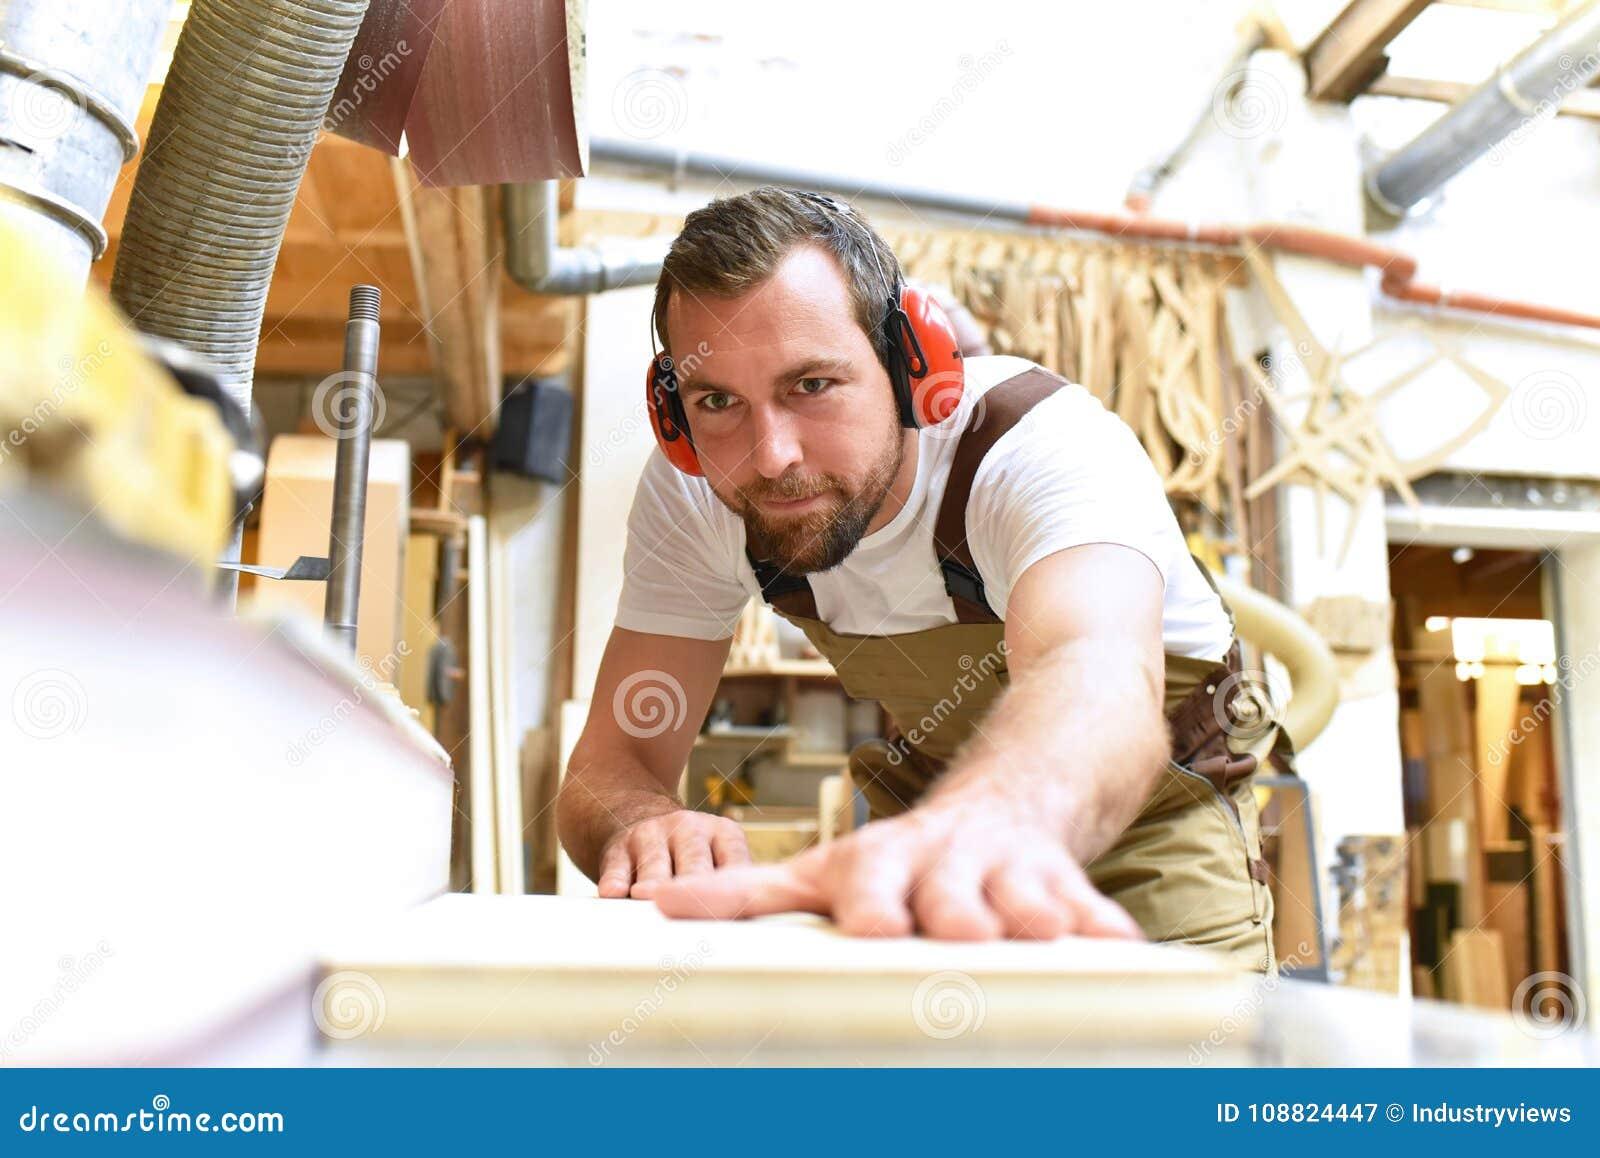 Le charpentier travaille en menuiserie - atelier pour le travail du bois et le sawi